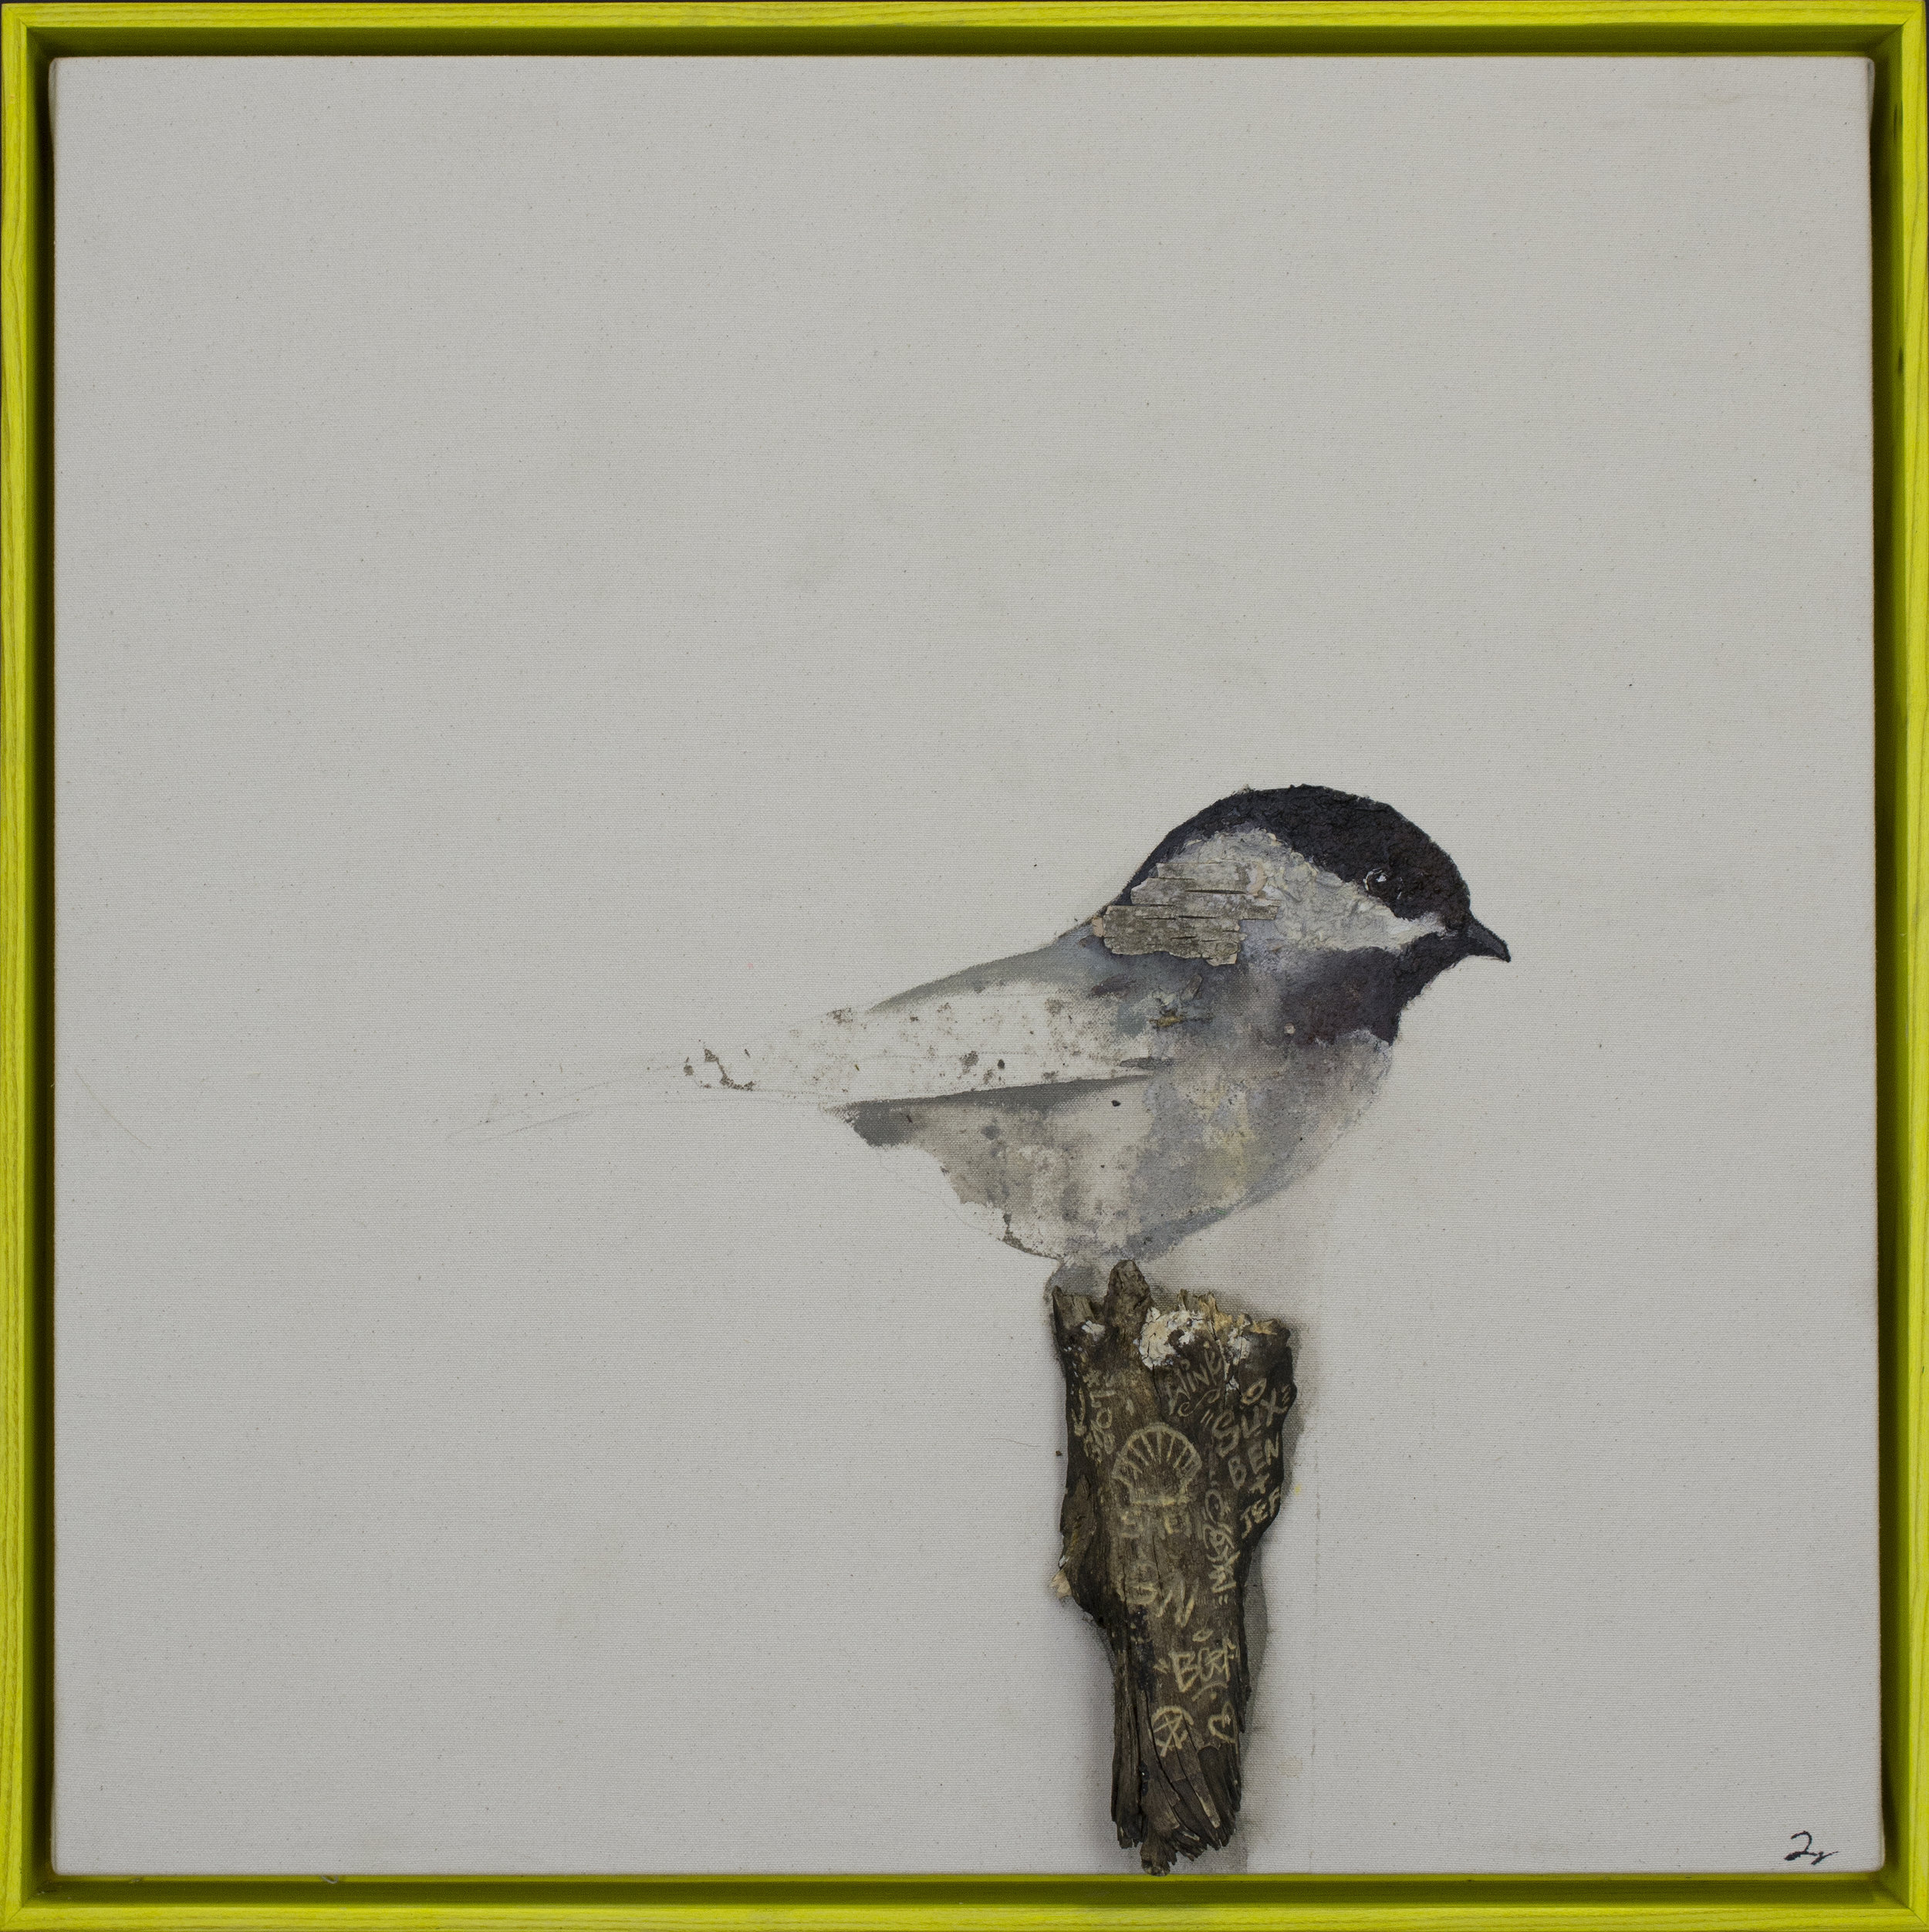 Earth Birds, Grey Sparrow